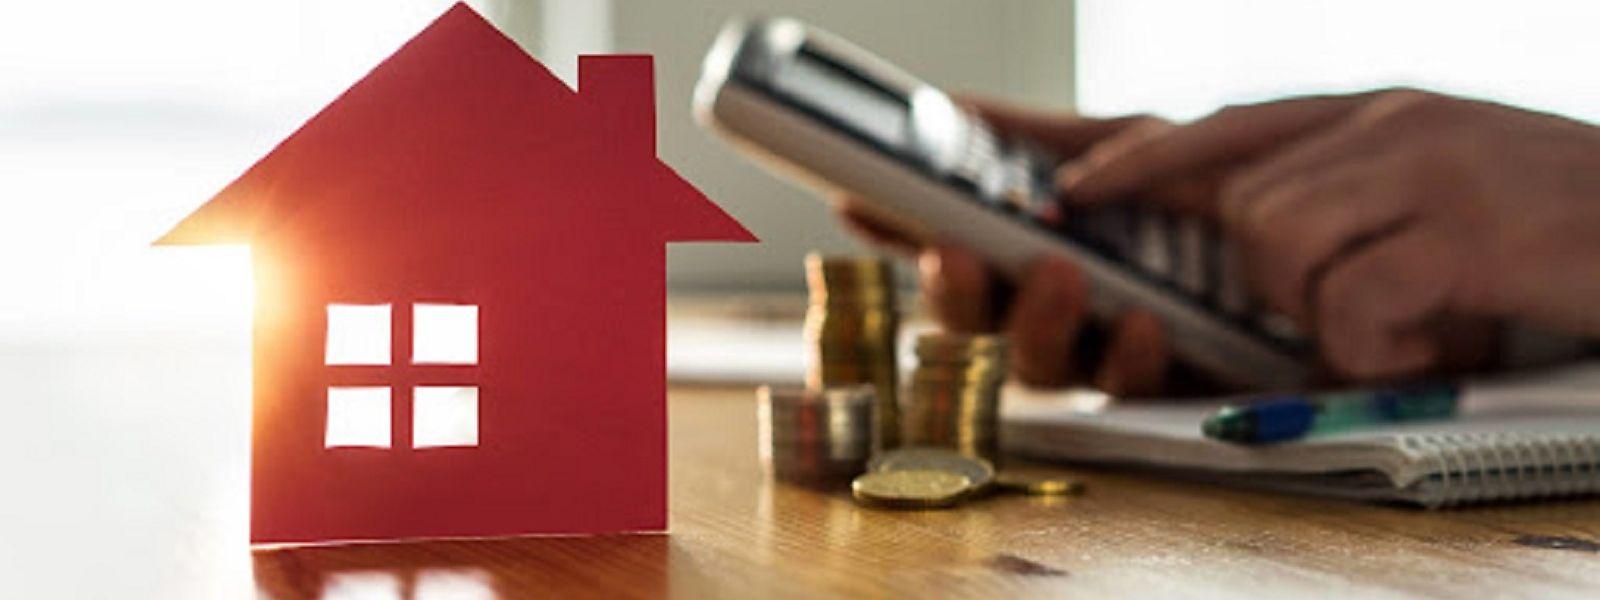 Les ménages envisagent plus facilement d'investir ou de faire d'importants achats, dans l'immobilier par exemple.